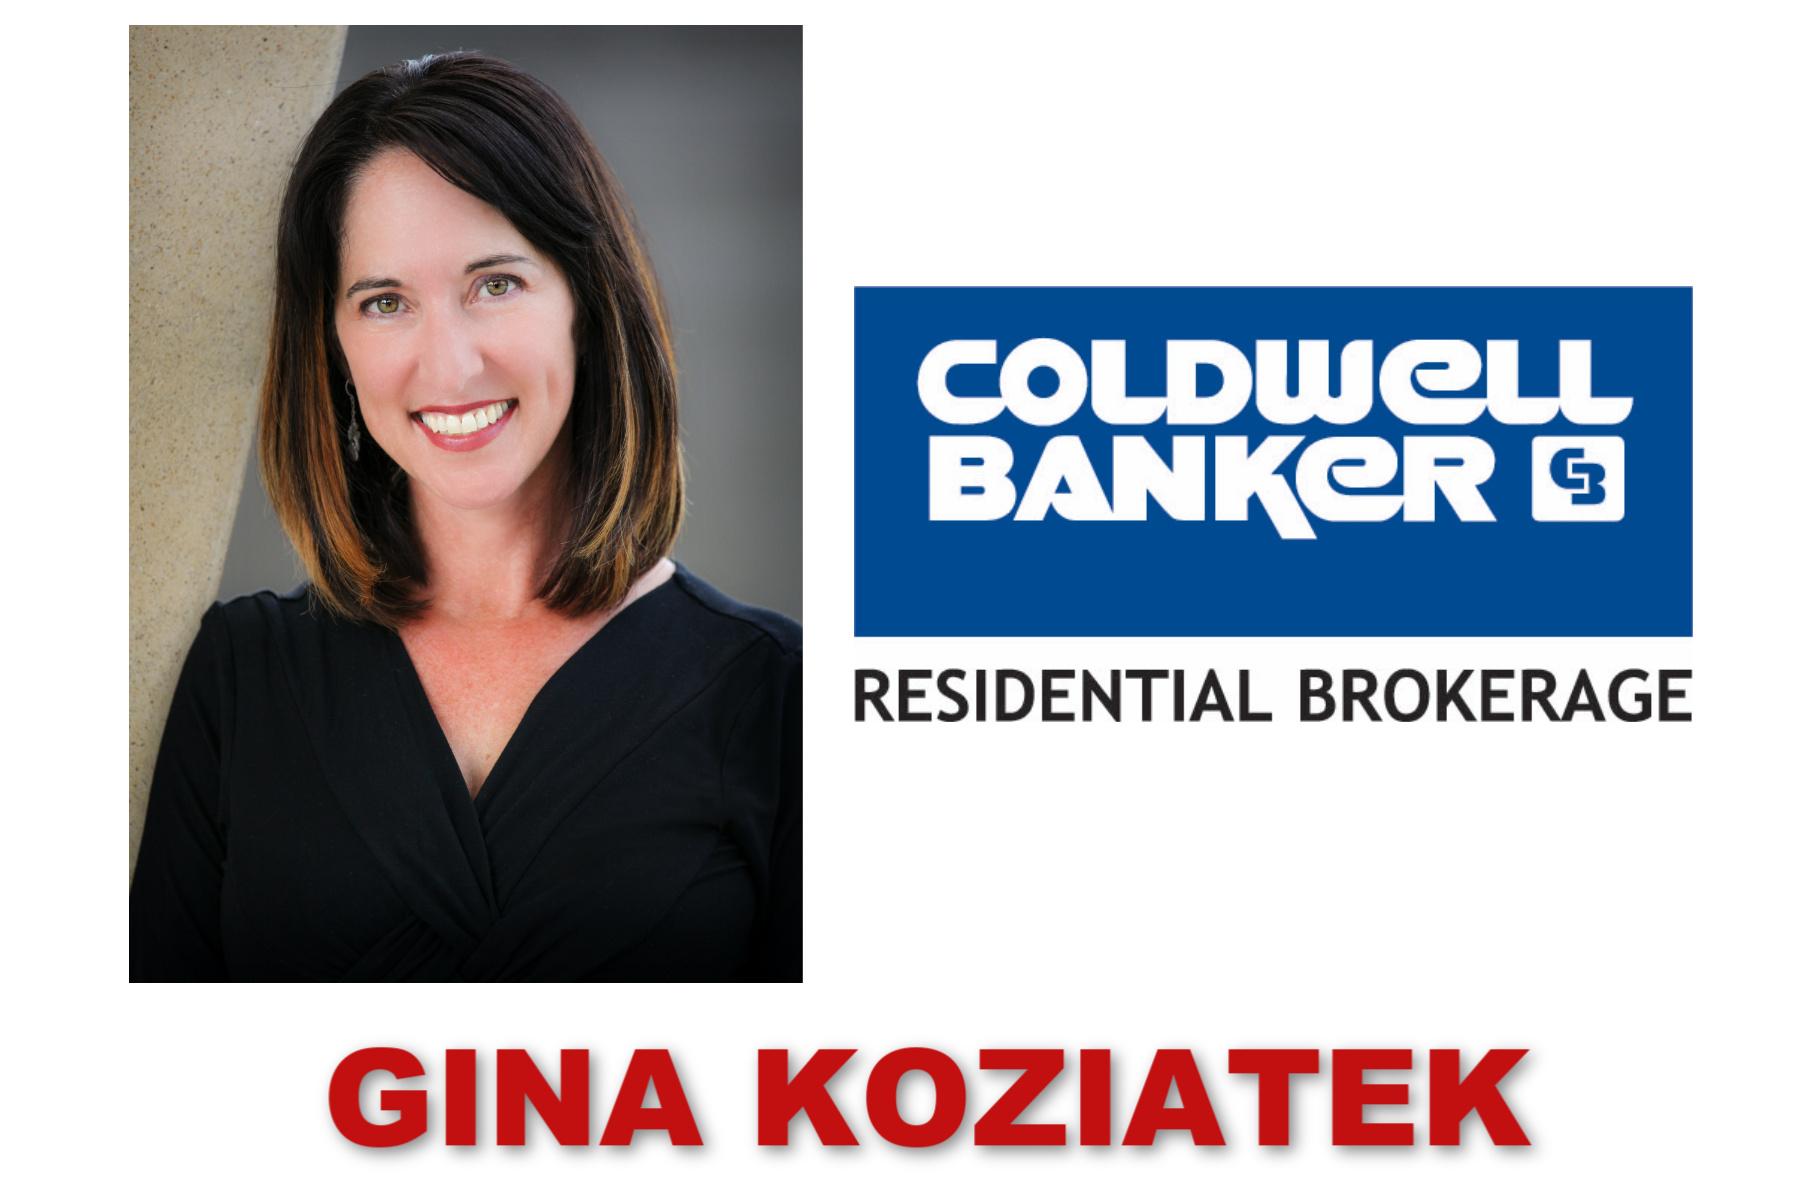 Gina Koziatek